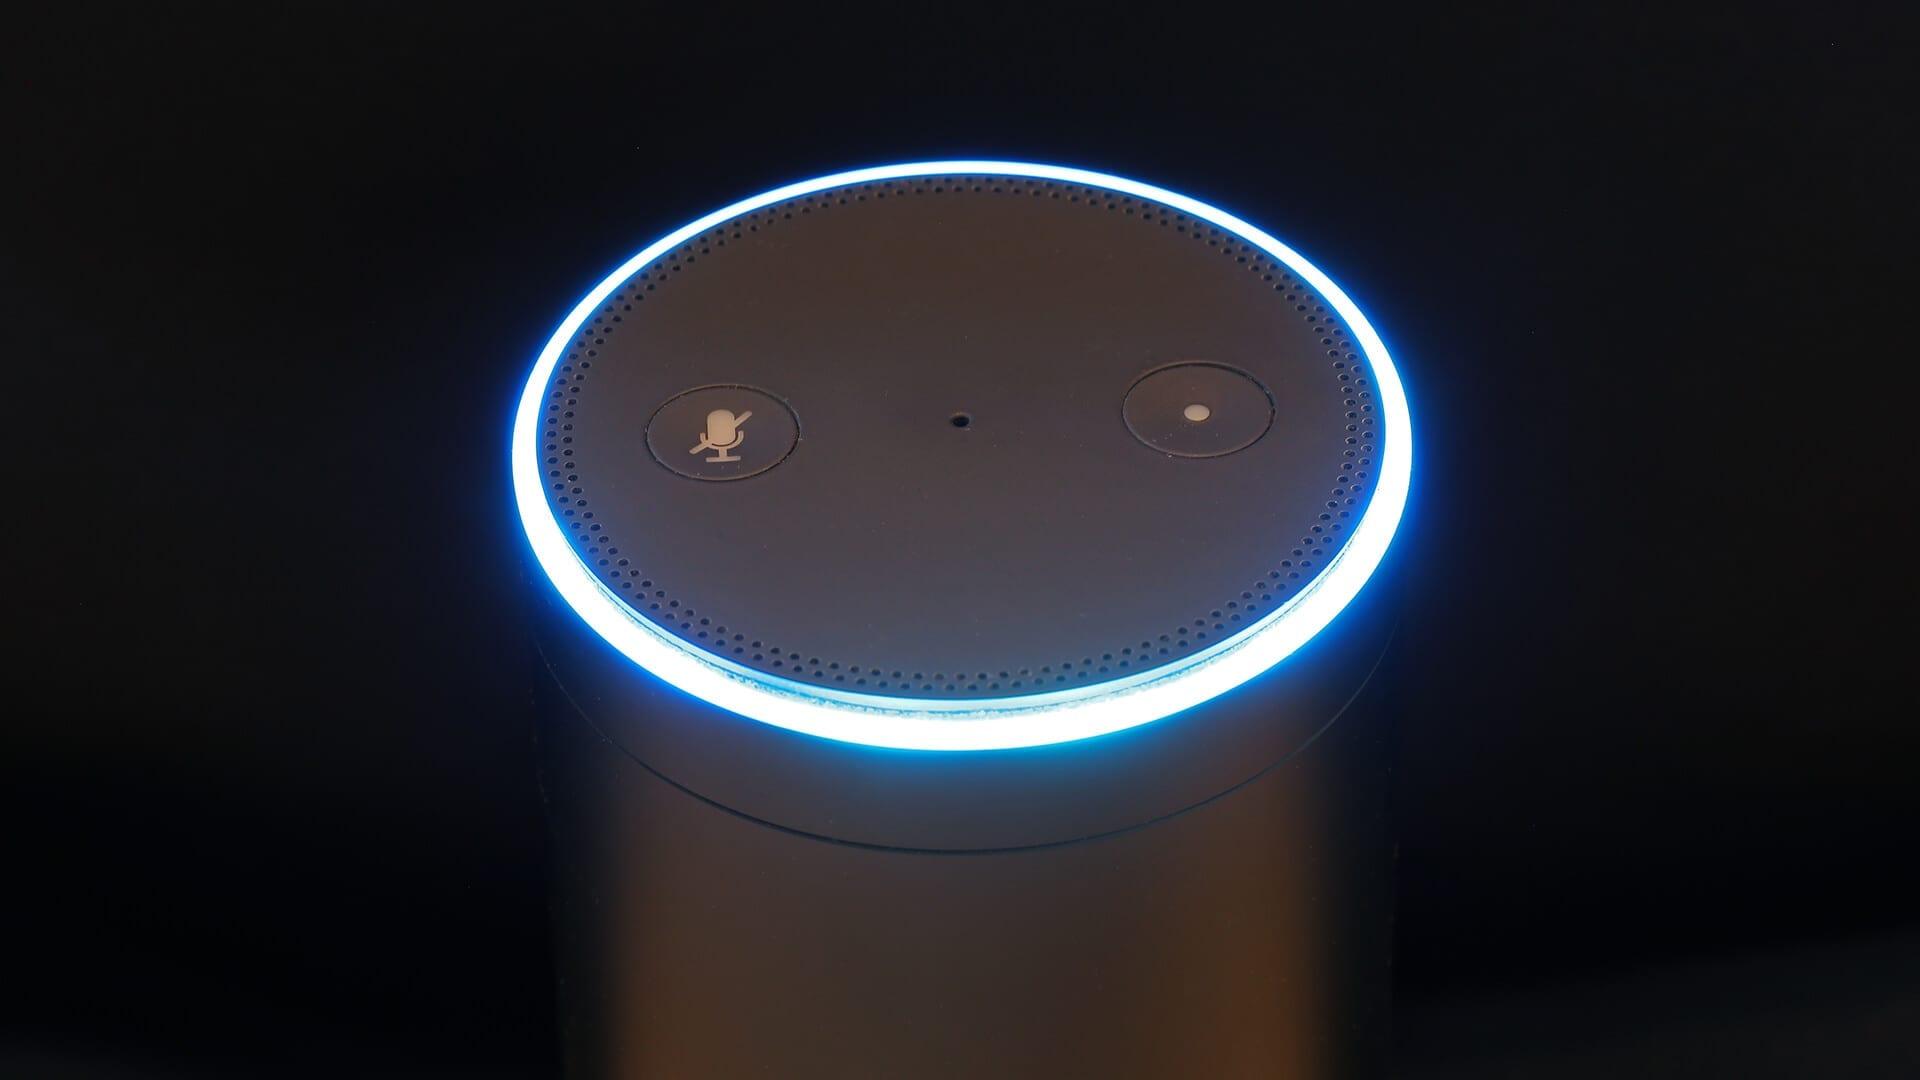 Yext integra listas de empresas locales en Amazon Alexa